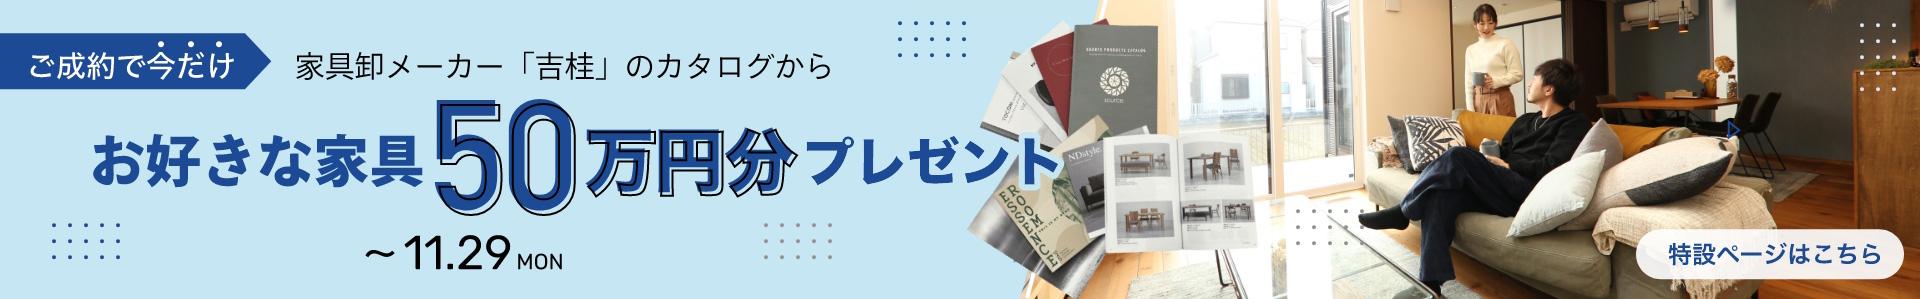 ご成約で「吉桂」のカタログ お好きな家具50万円分プレゼント